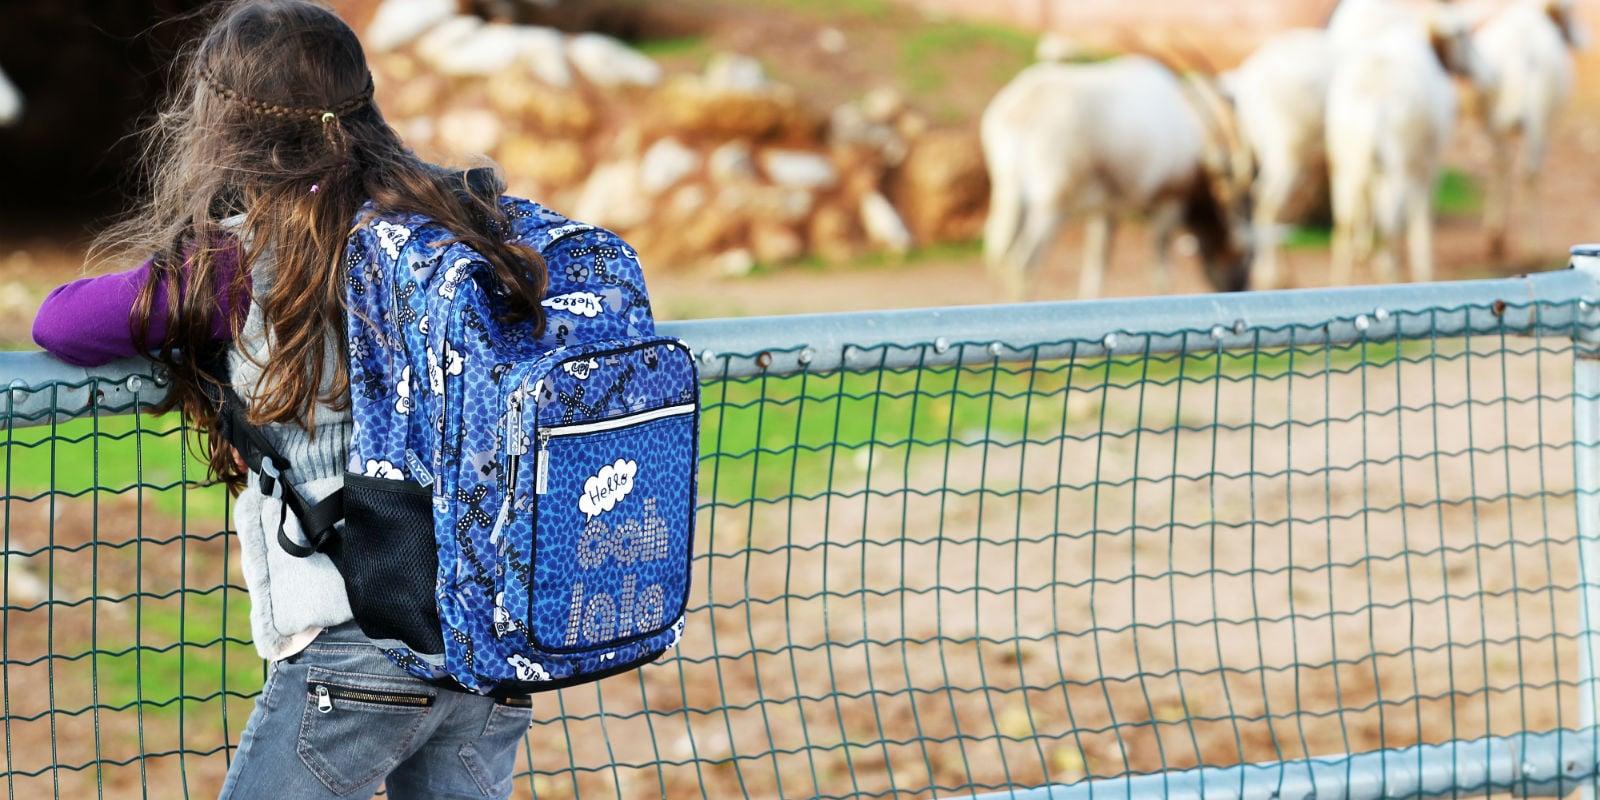 Ποια τσάντα να διαλέξω φέτος για το παιδί? Συμβουλές για γονείς…